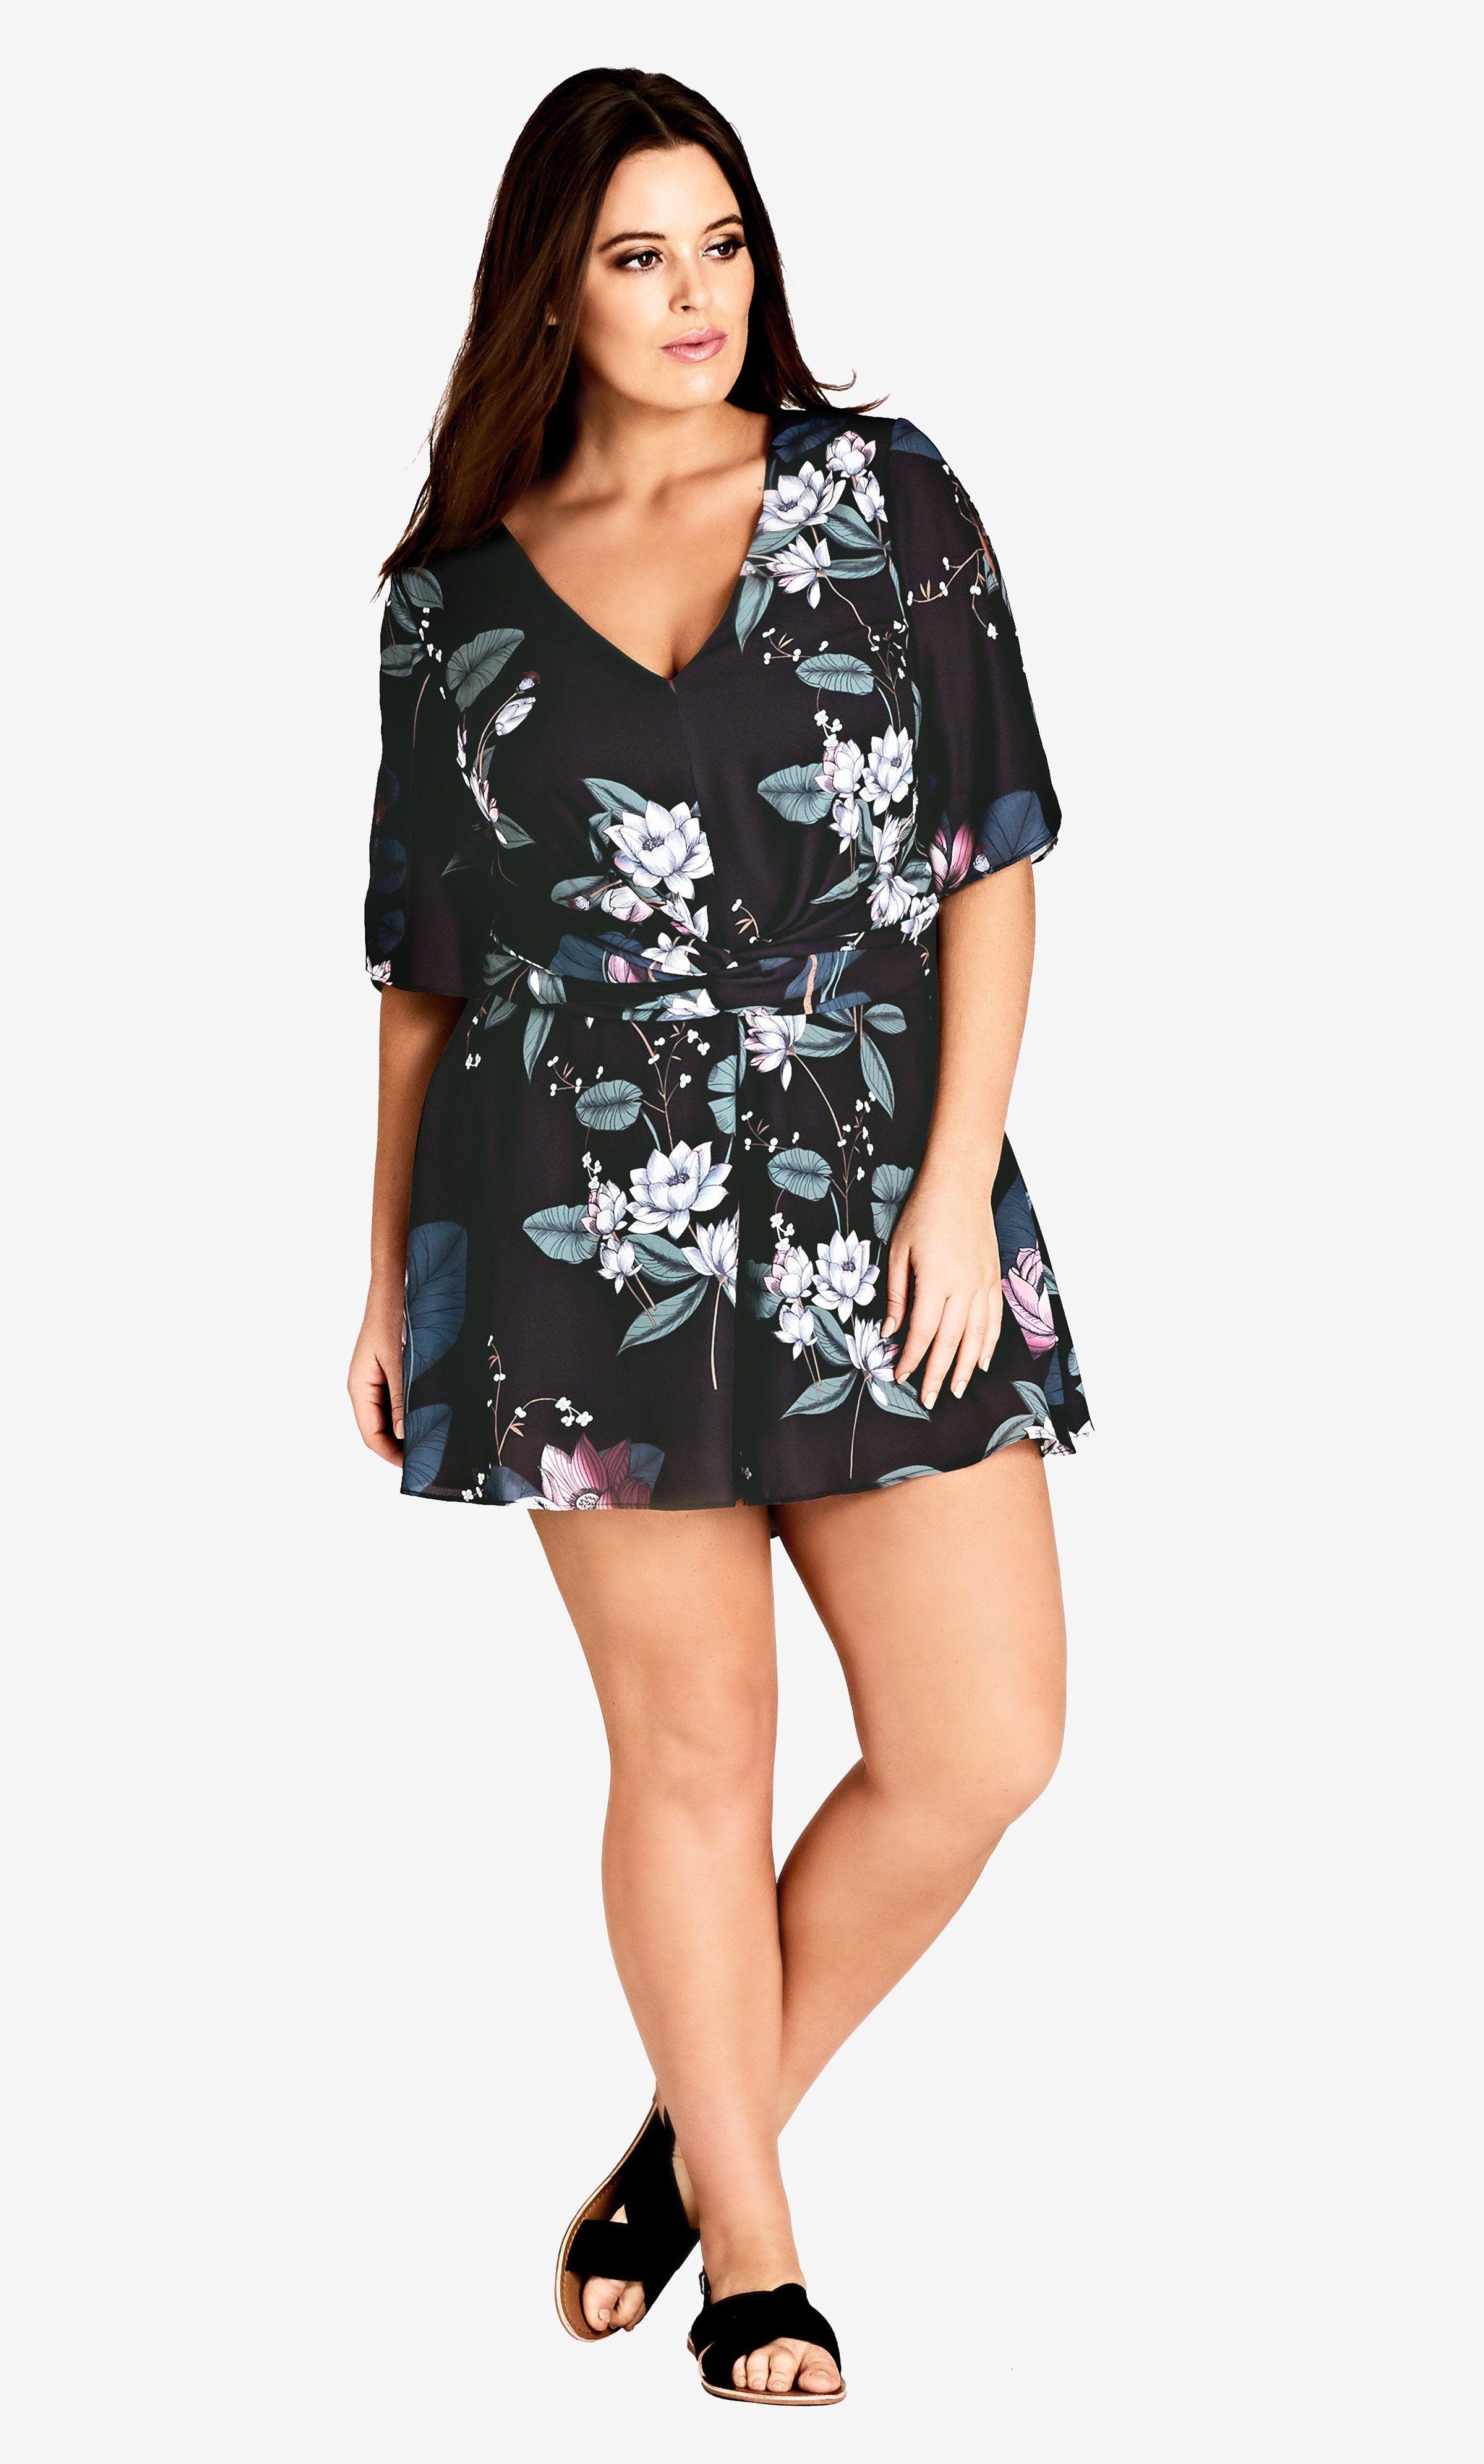 Blossom playsuit playsuit dress plus size retro dresses